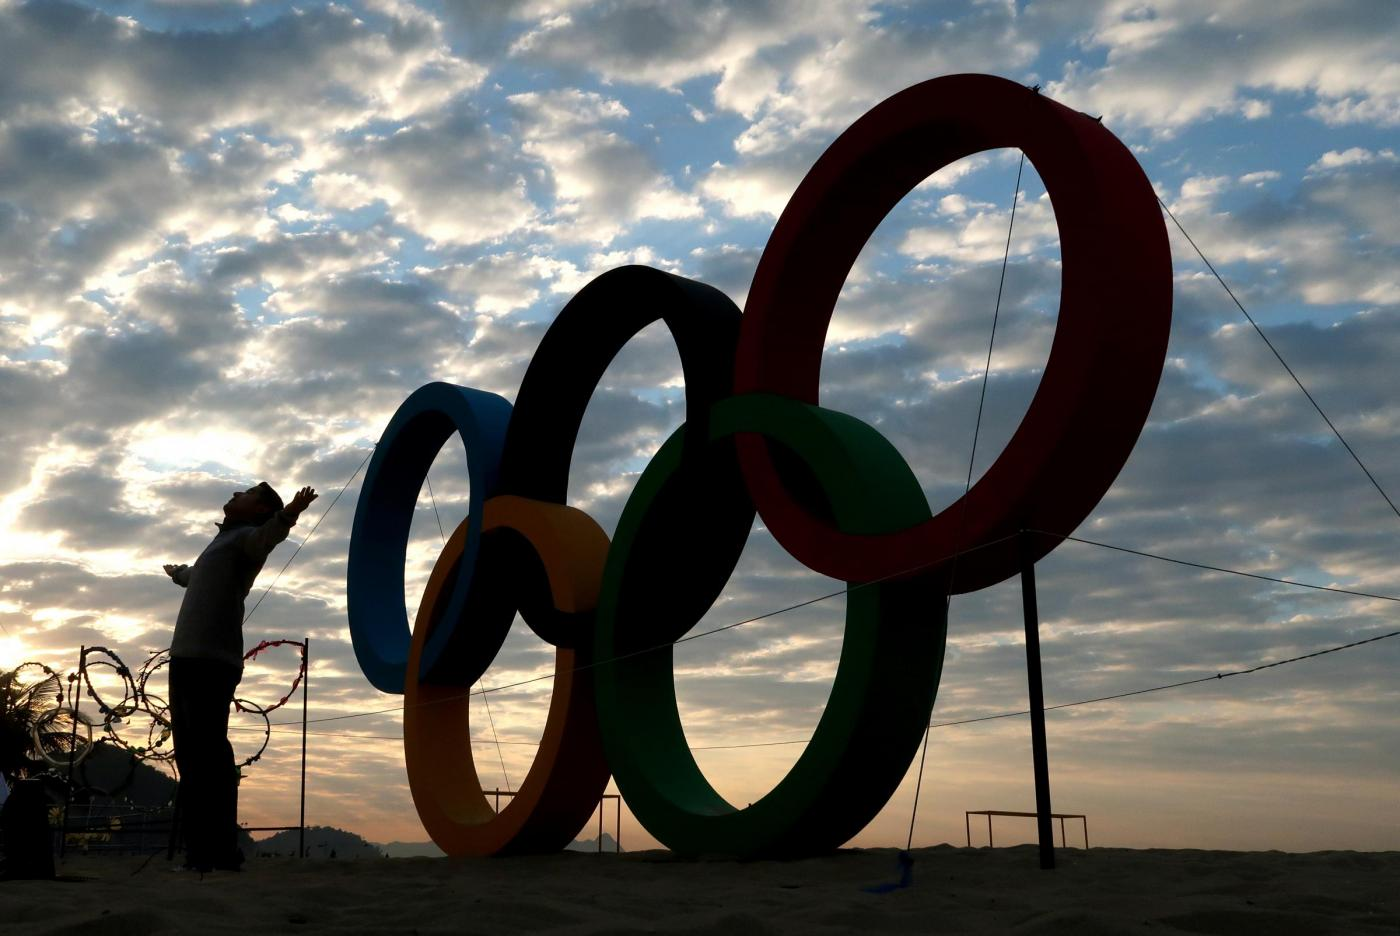 Olimpiadi 2016: quanto guadagnano gli azzurri per ogni vittoria a Rio